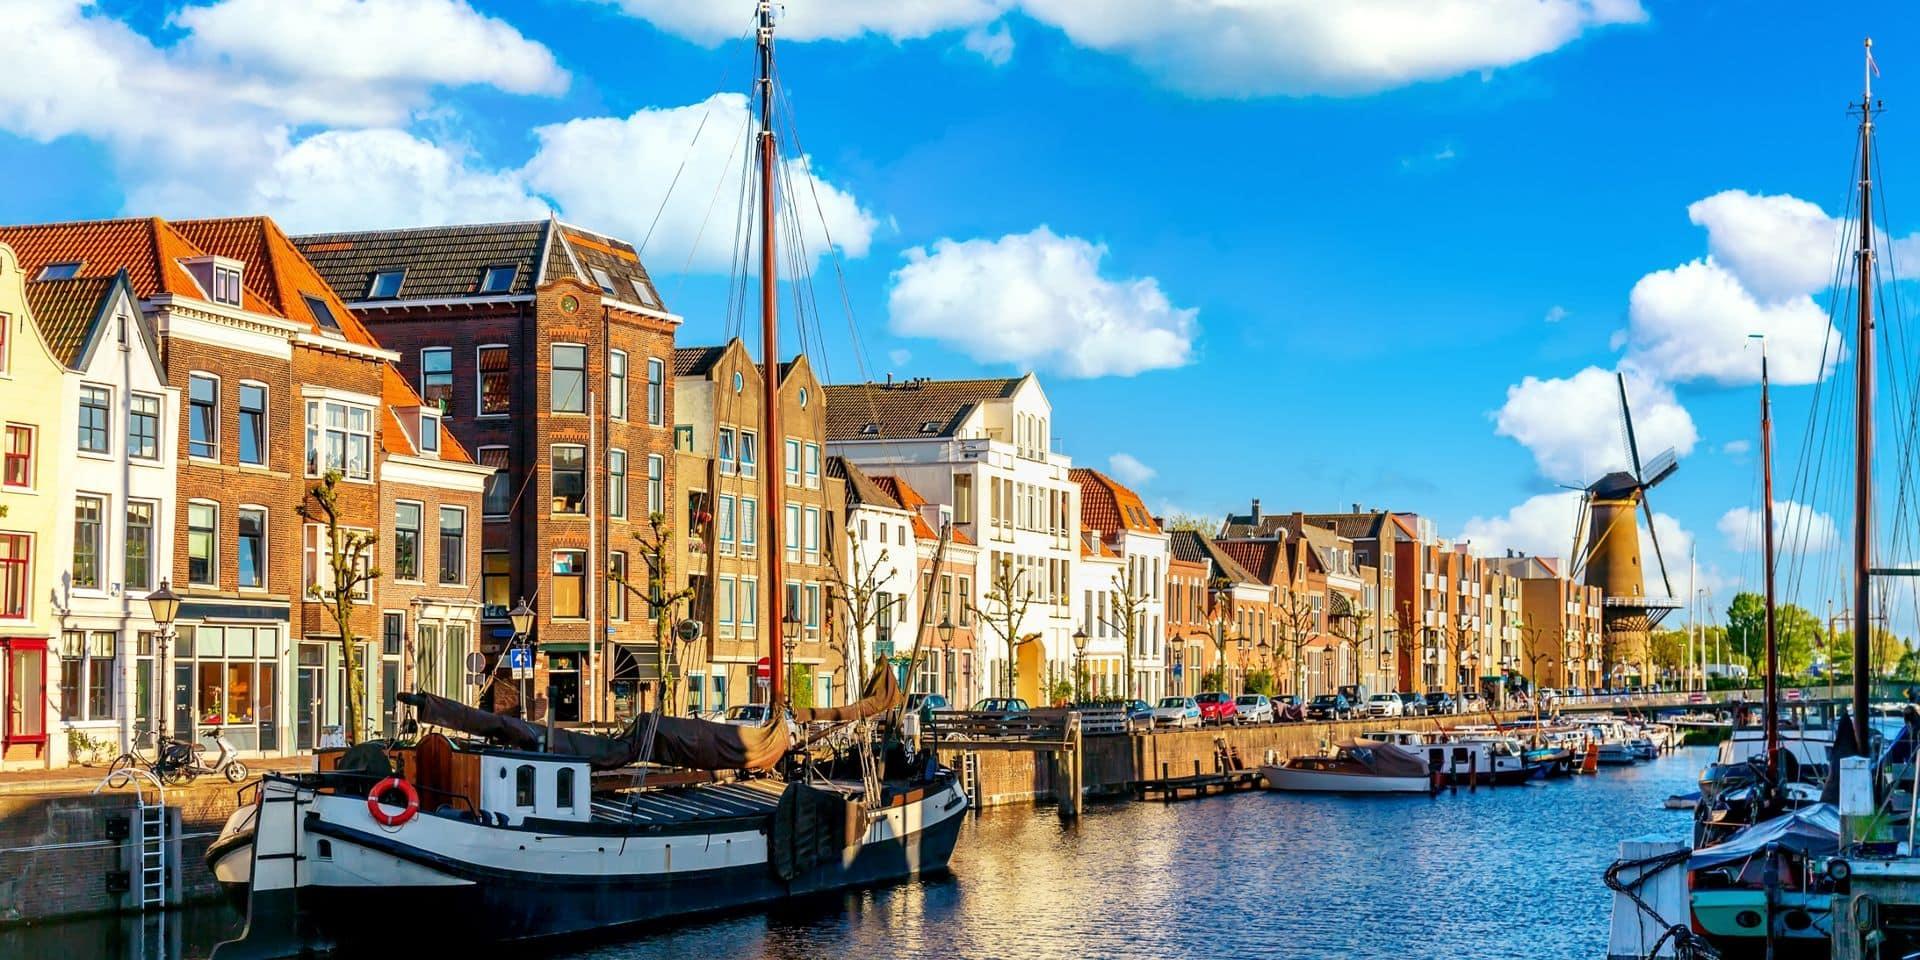 Un Belge arrêté pour le trafic de 26 kilos de cocaïne dans le port de Rotterdam